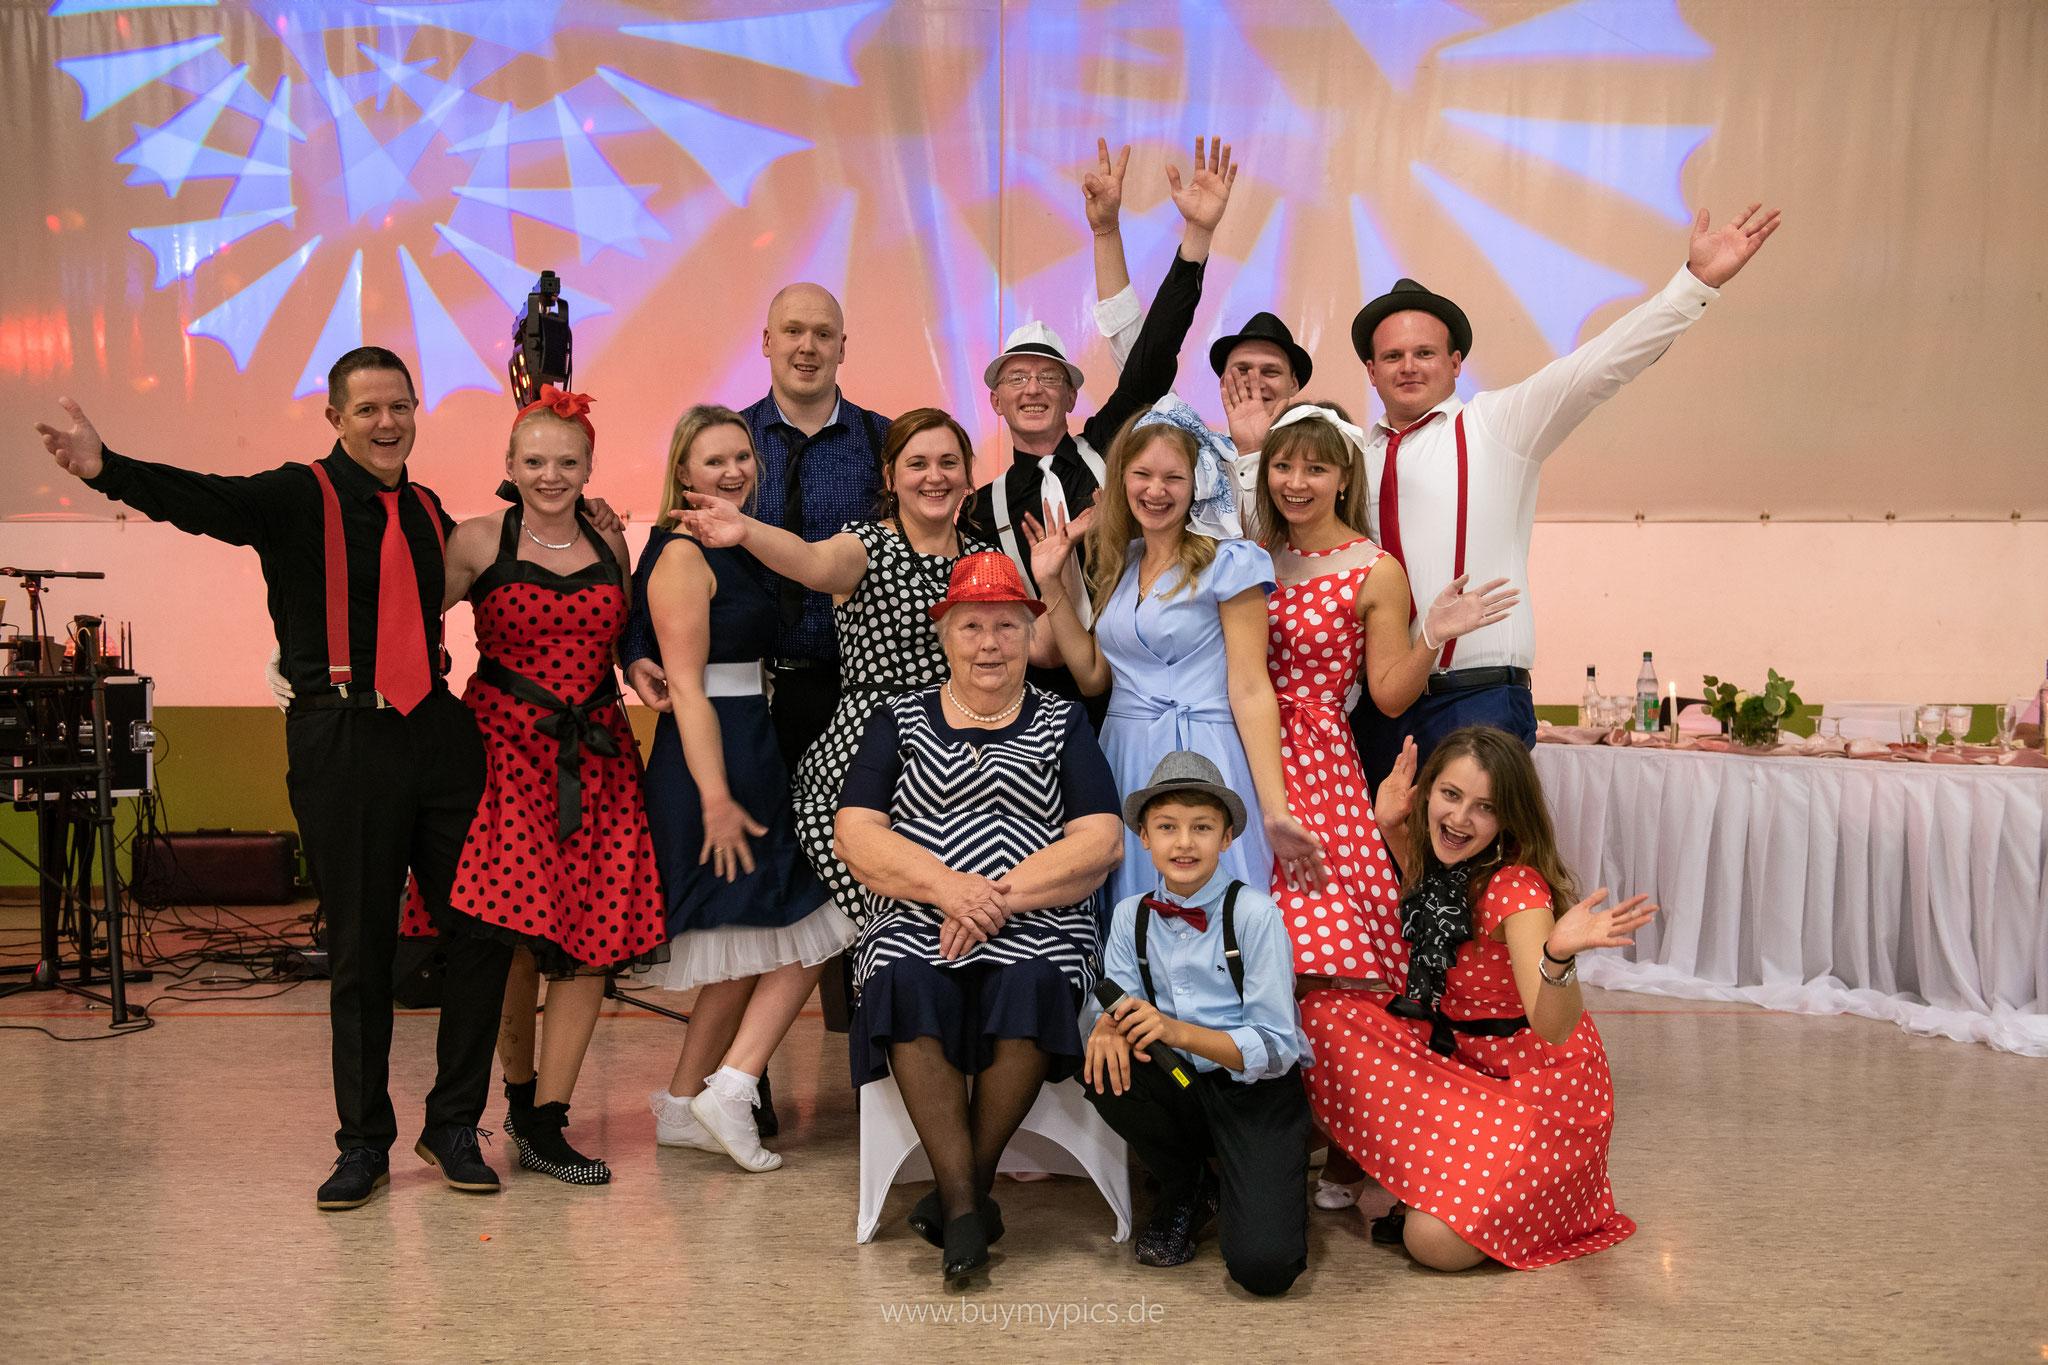 Professionelles Kameramann Team für russisches Geburtstag in Greifenstein